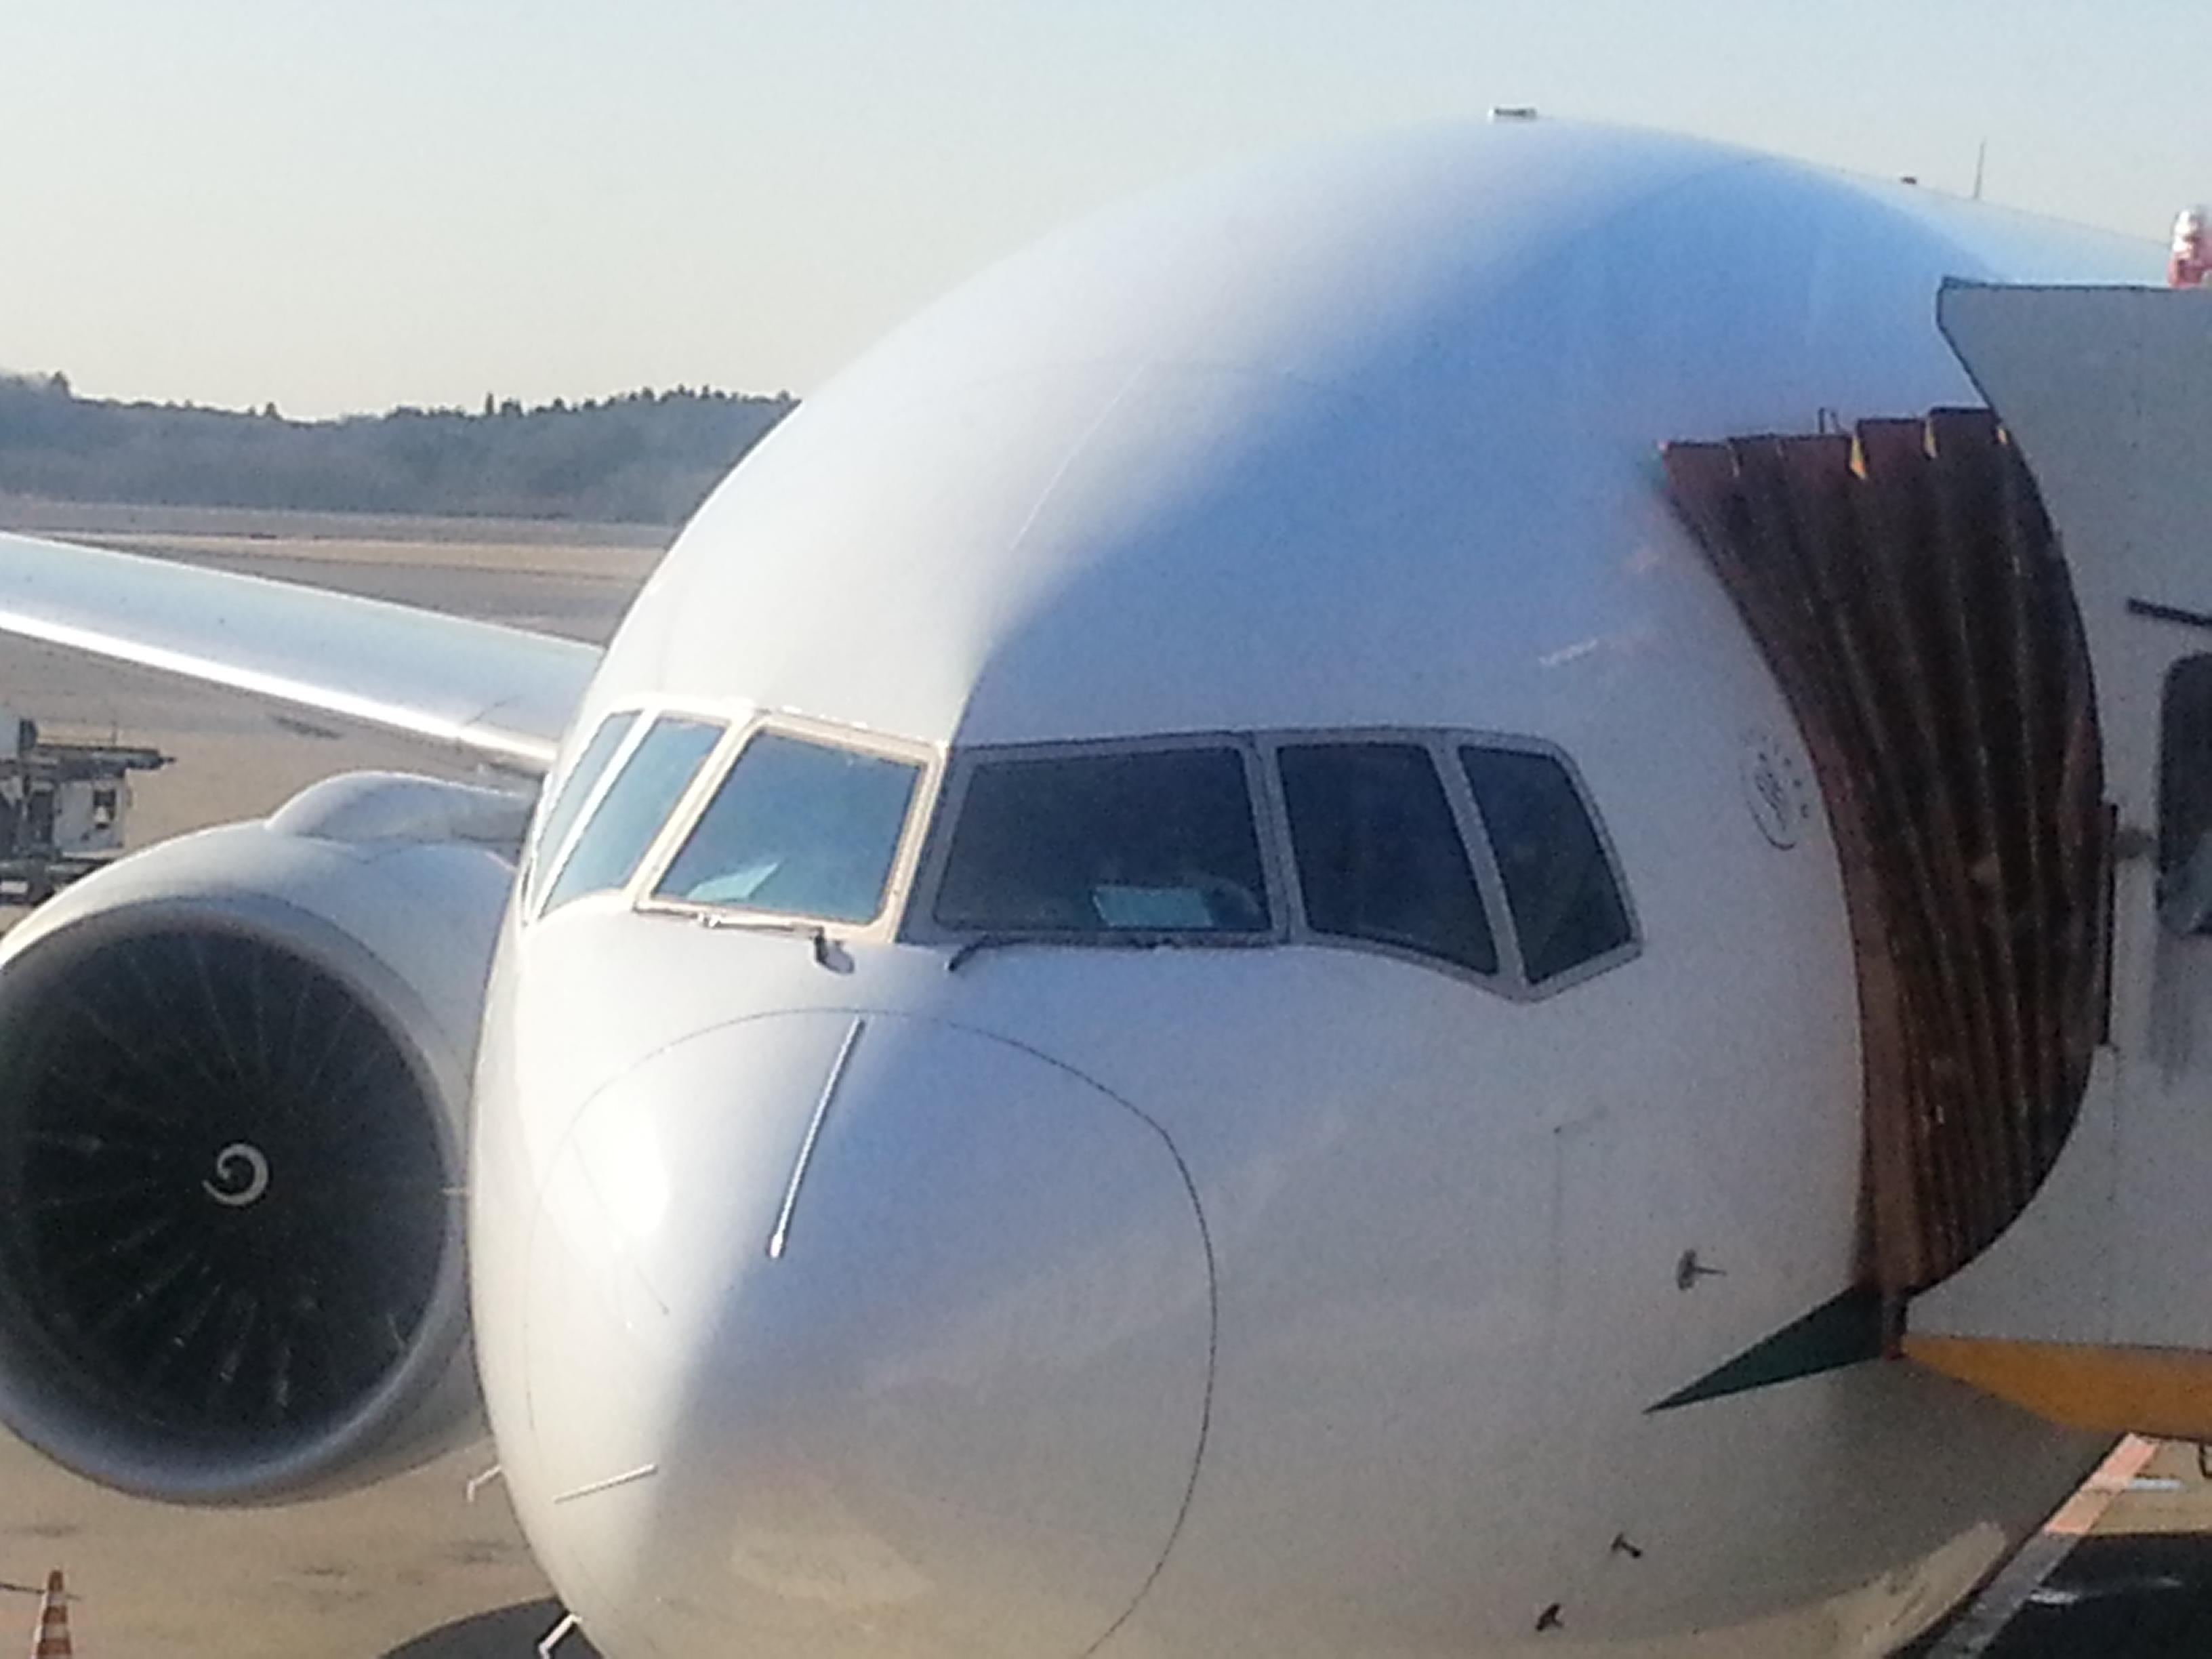 Aldo nella cabina di pilotaggio del Boing 777 Alitalia